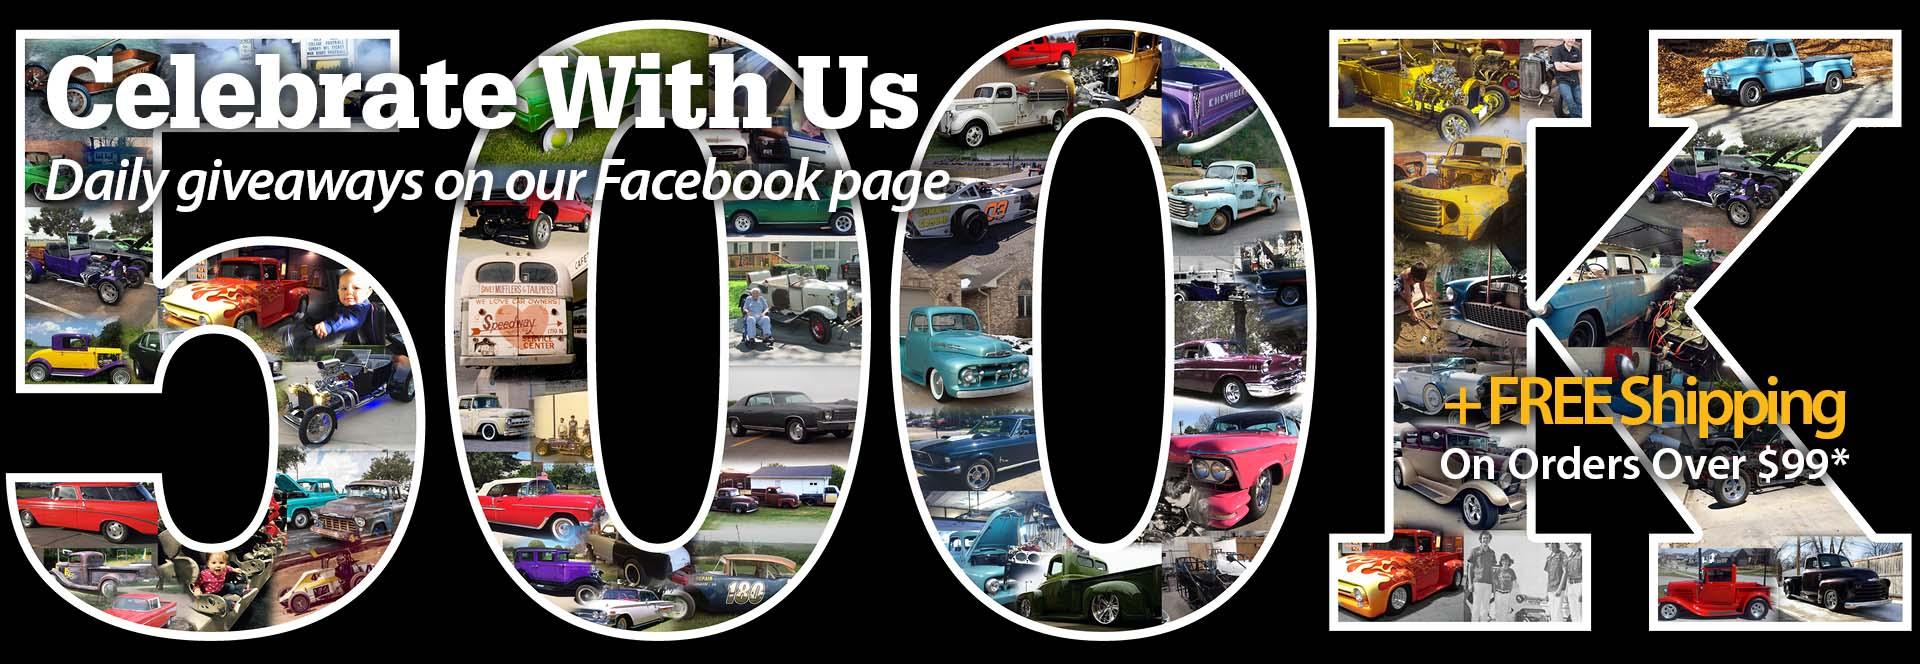 SpeedwayMotors500K